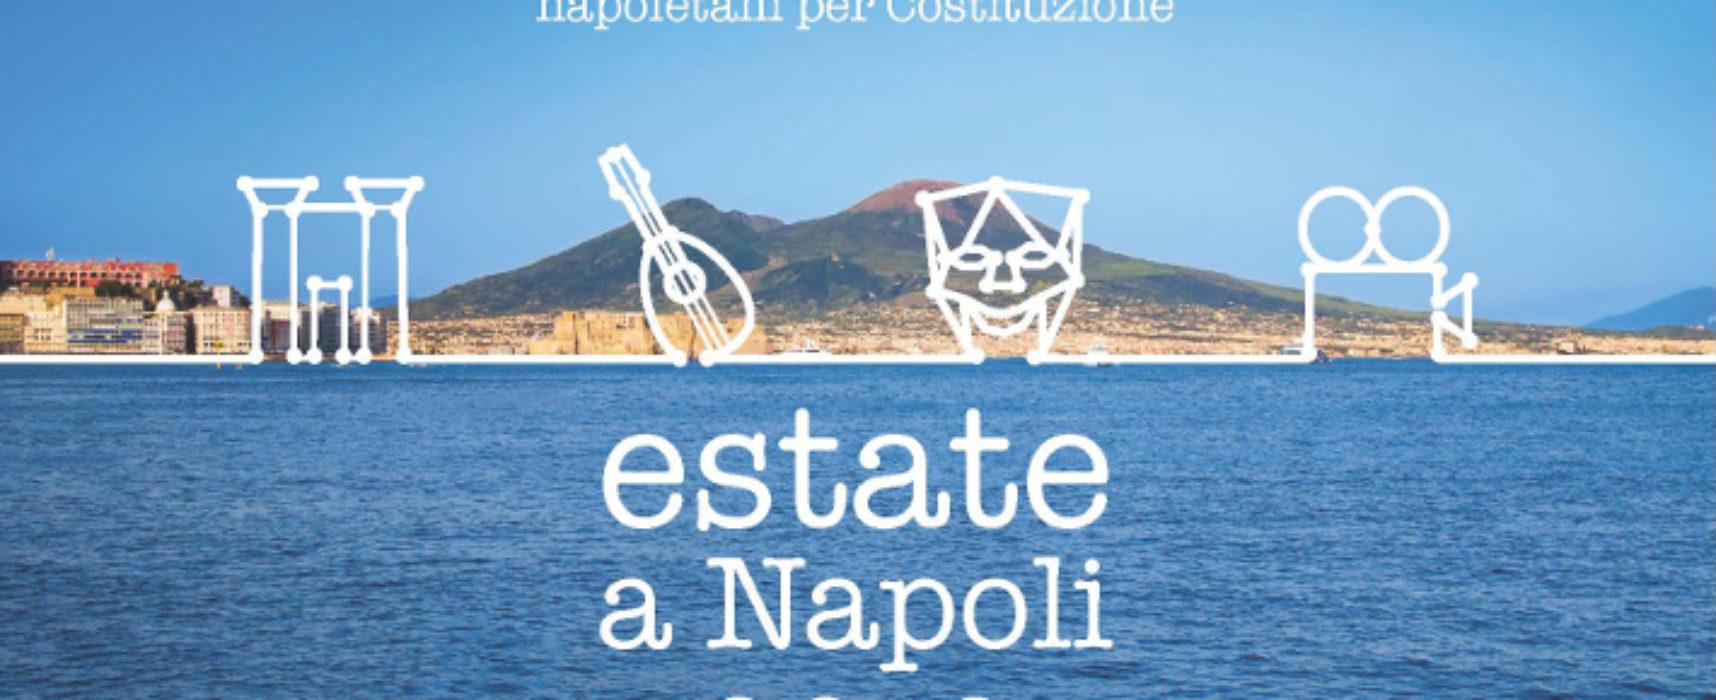 Estate a Napoli, gli eventi del weekend